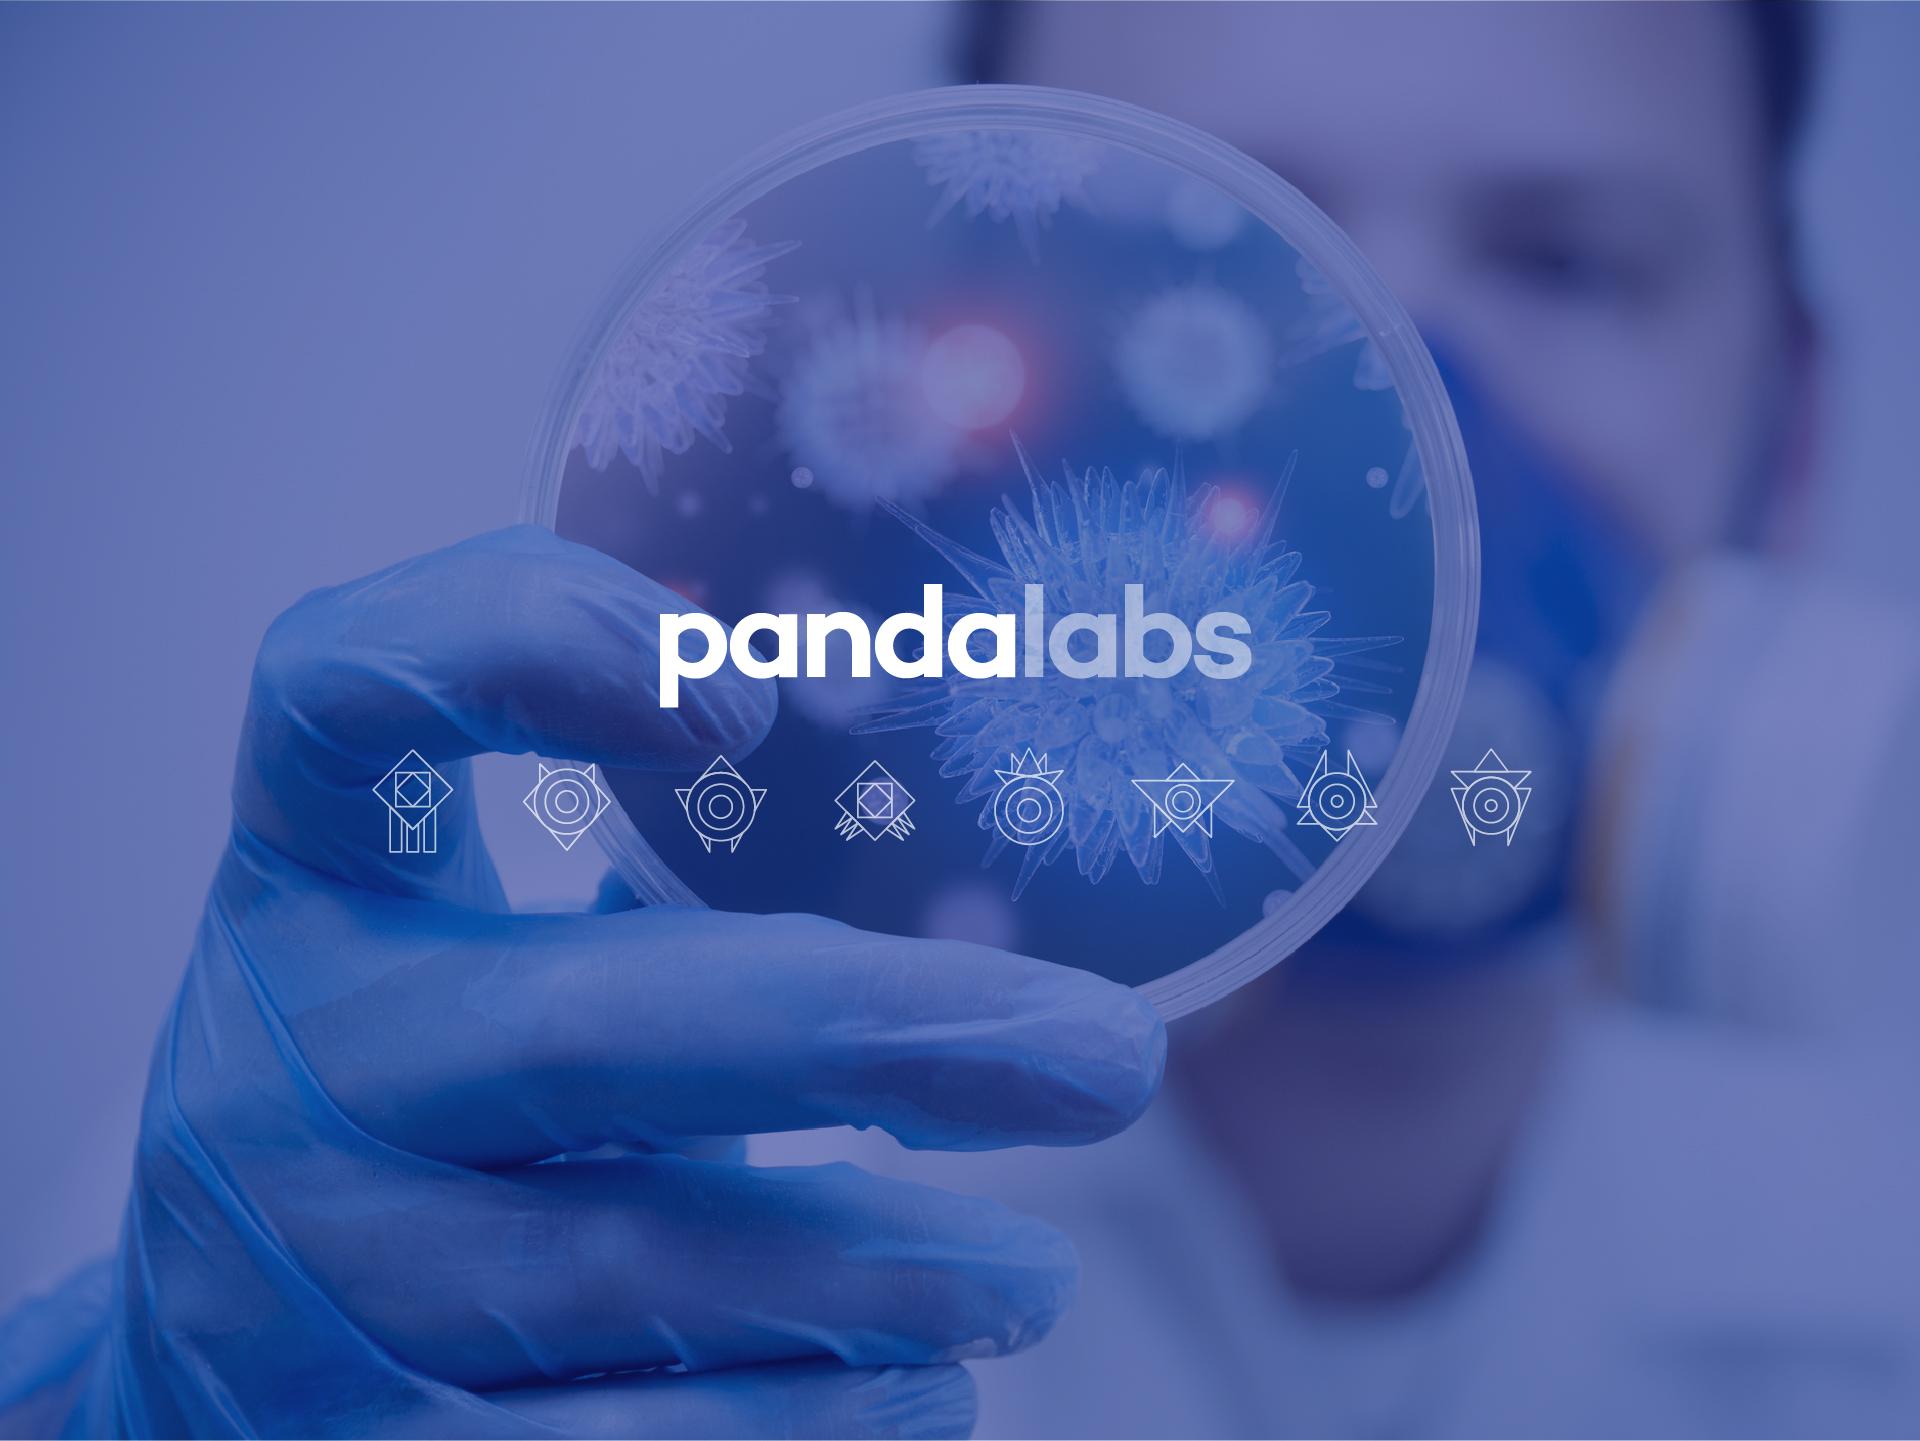 pandalabs-predictions